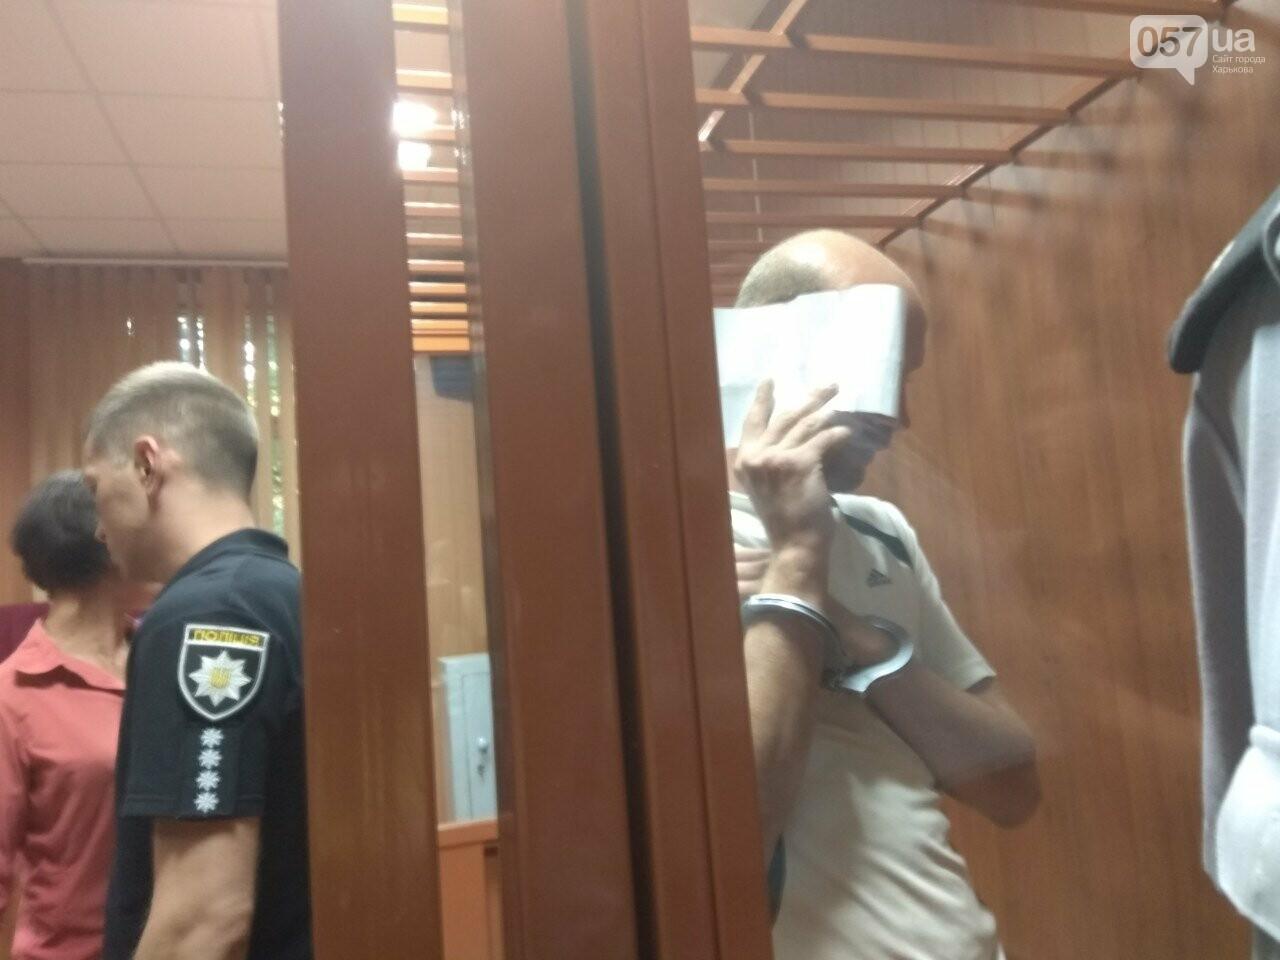 В Харькове избрали меру пресечения подозреваемому в изнасиловании школьницы, - ФОТО, фото-3